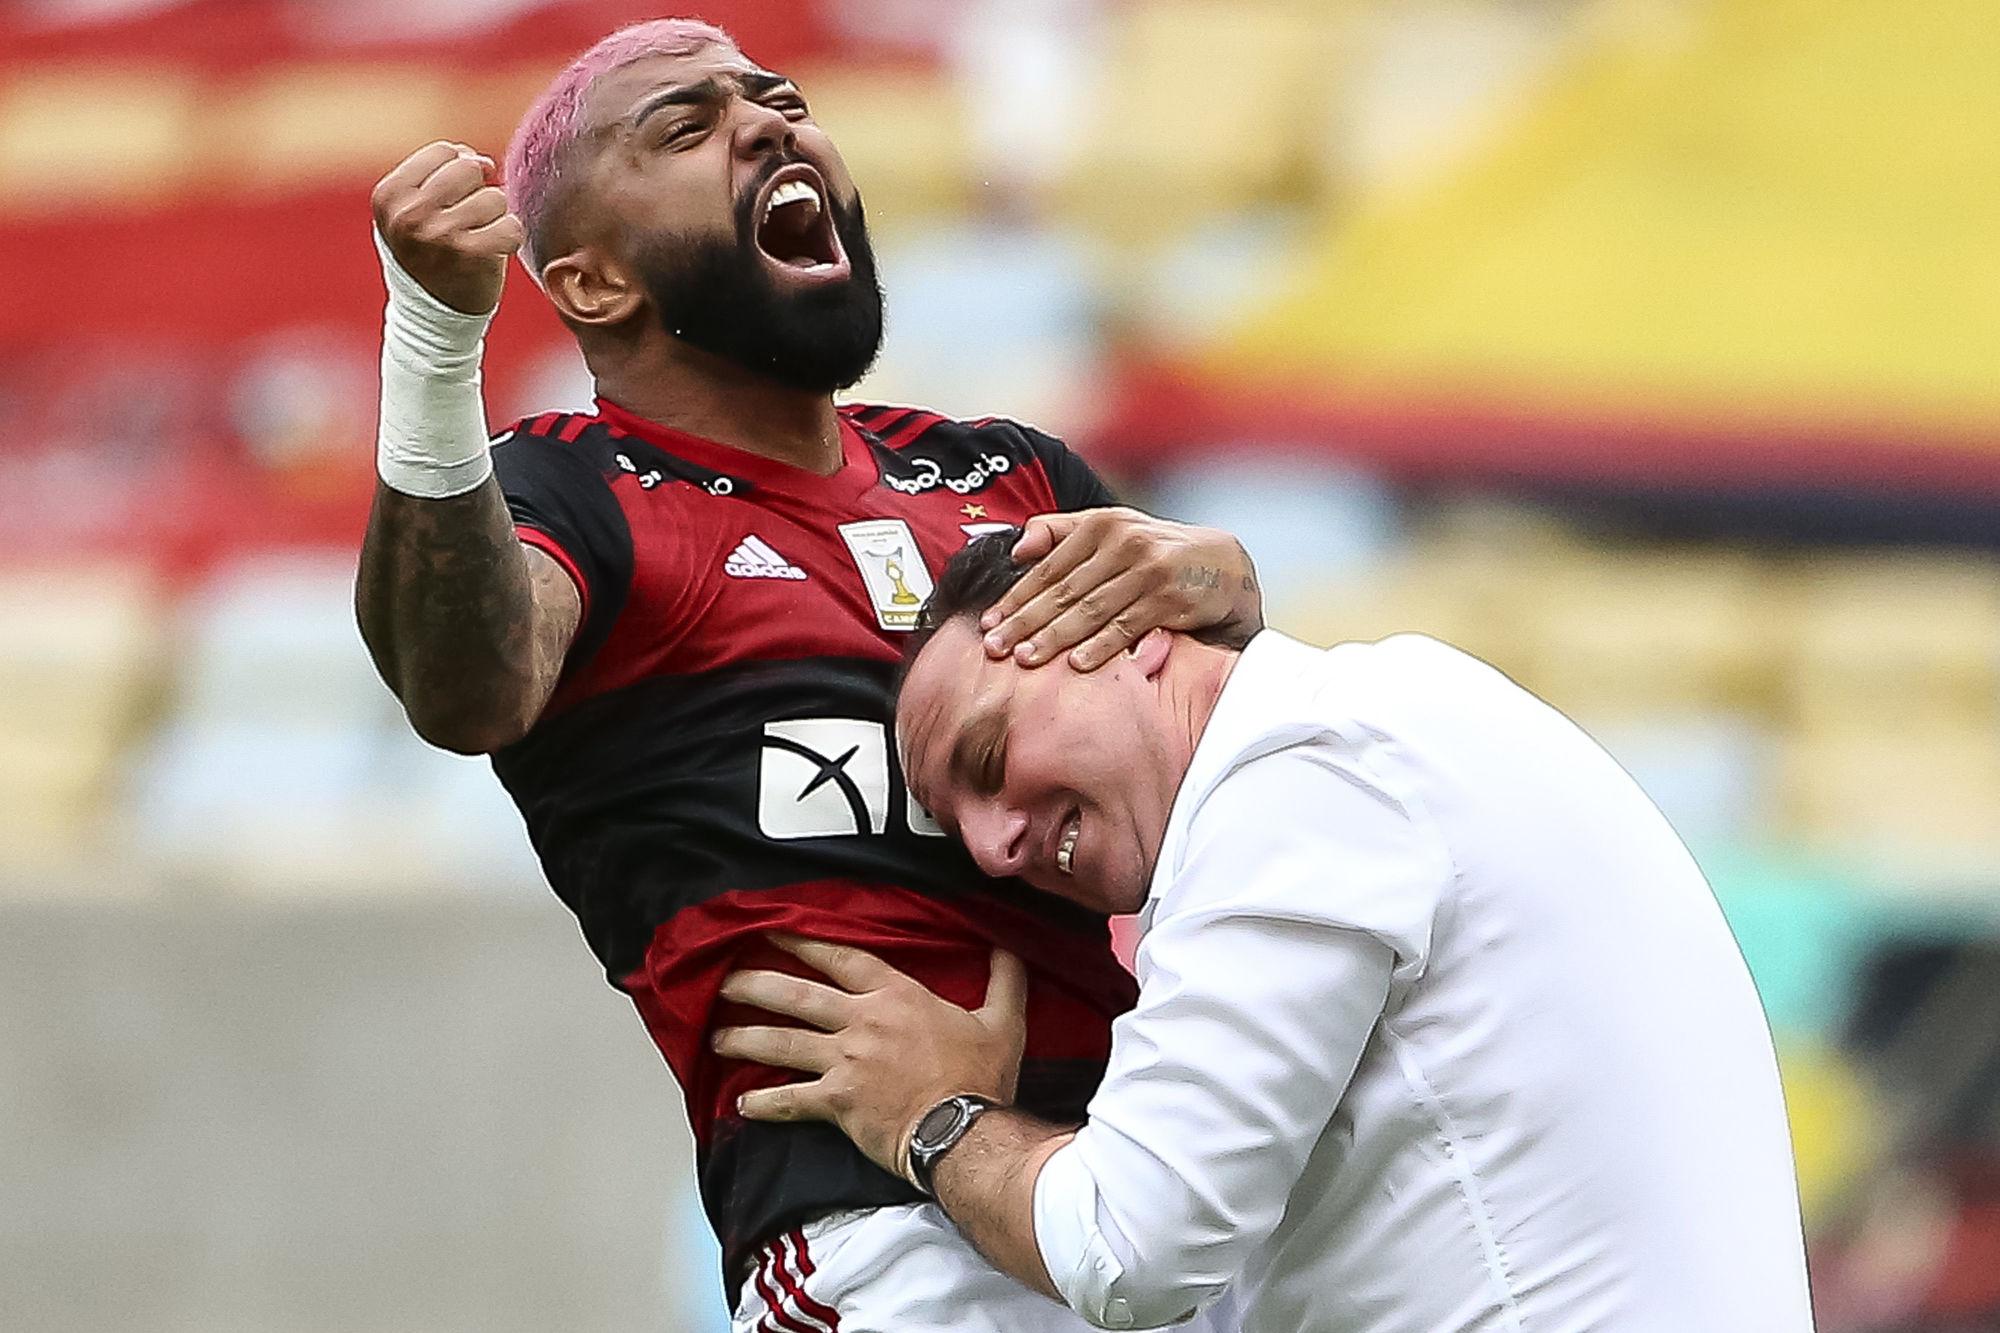 Триумф команды Рожерио Сени. Итоги чемпионата Бразилии - изображение 1